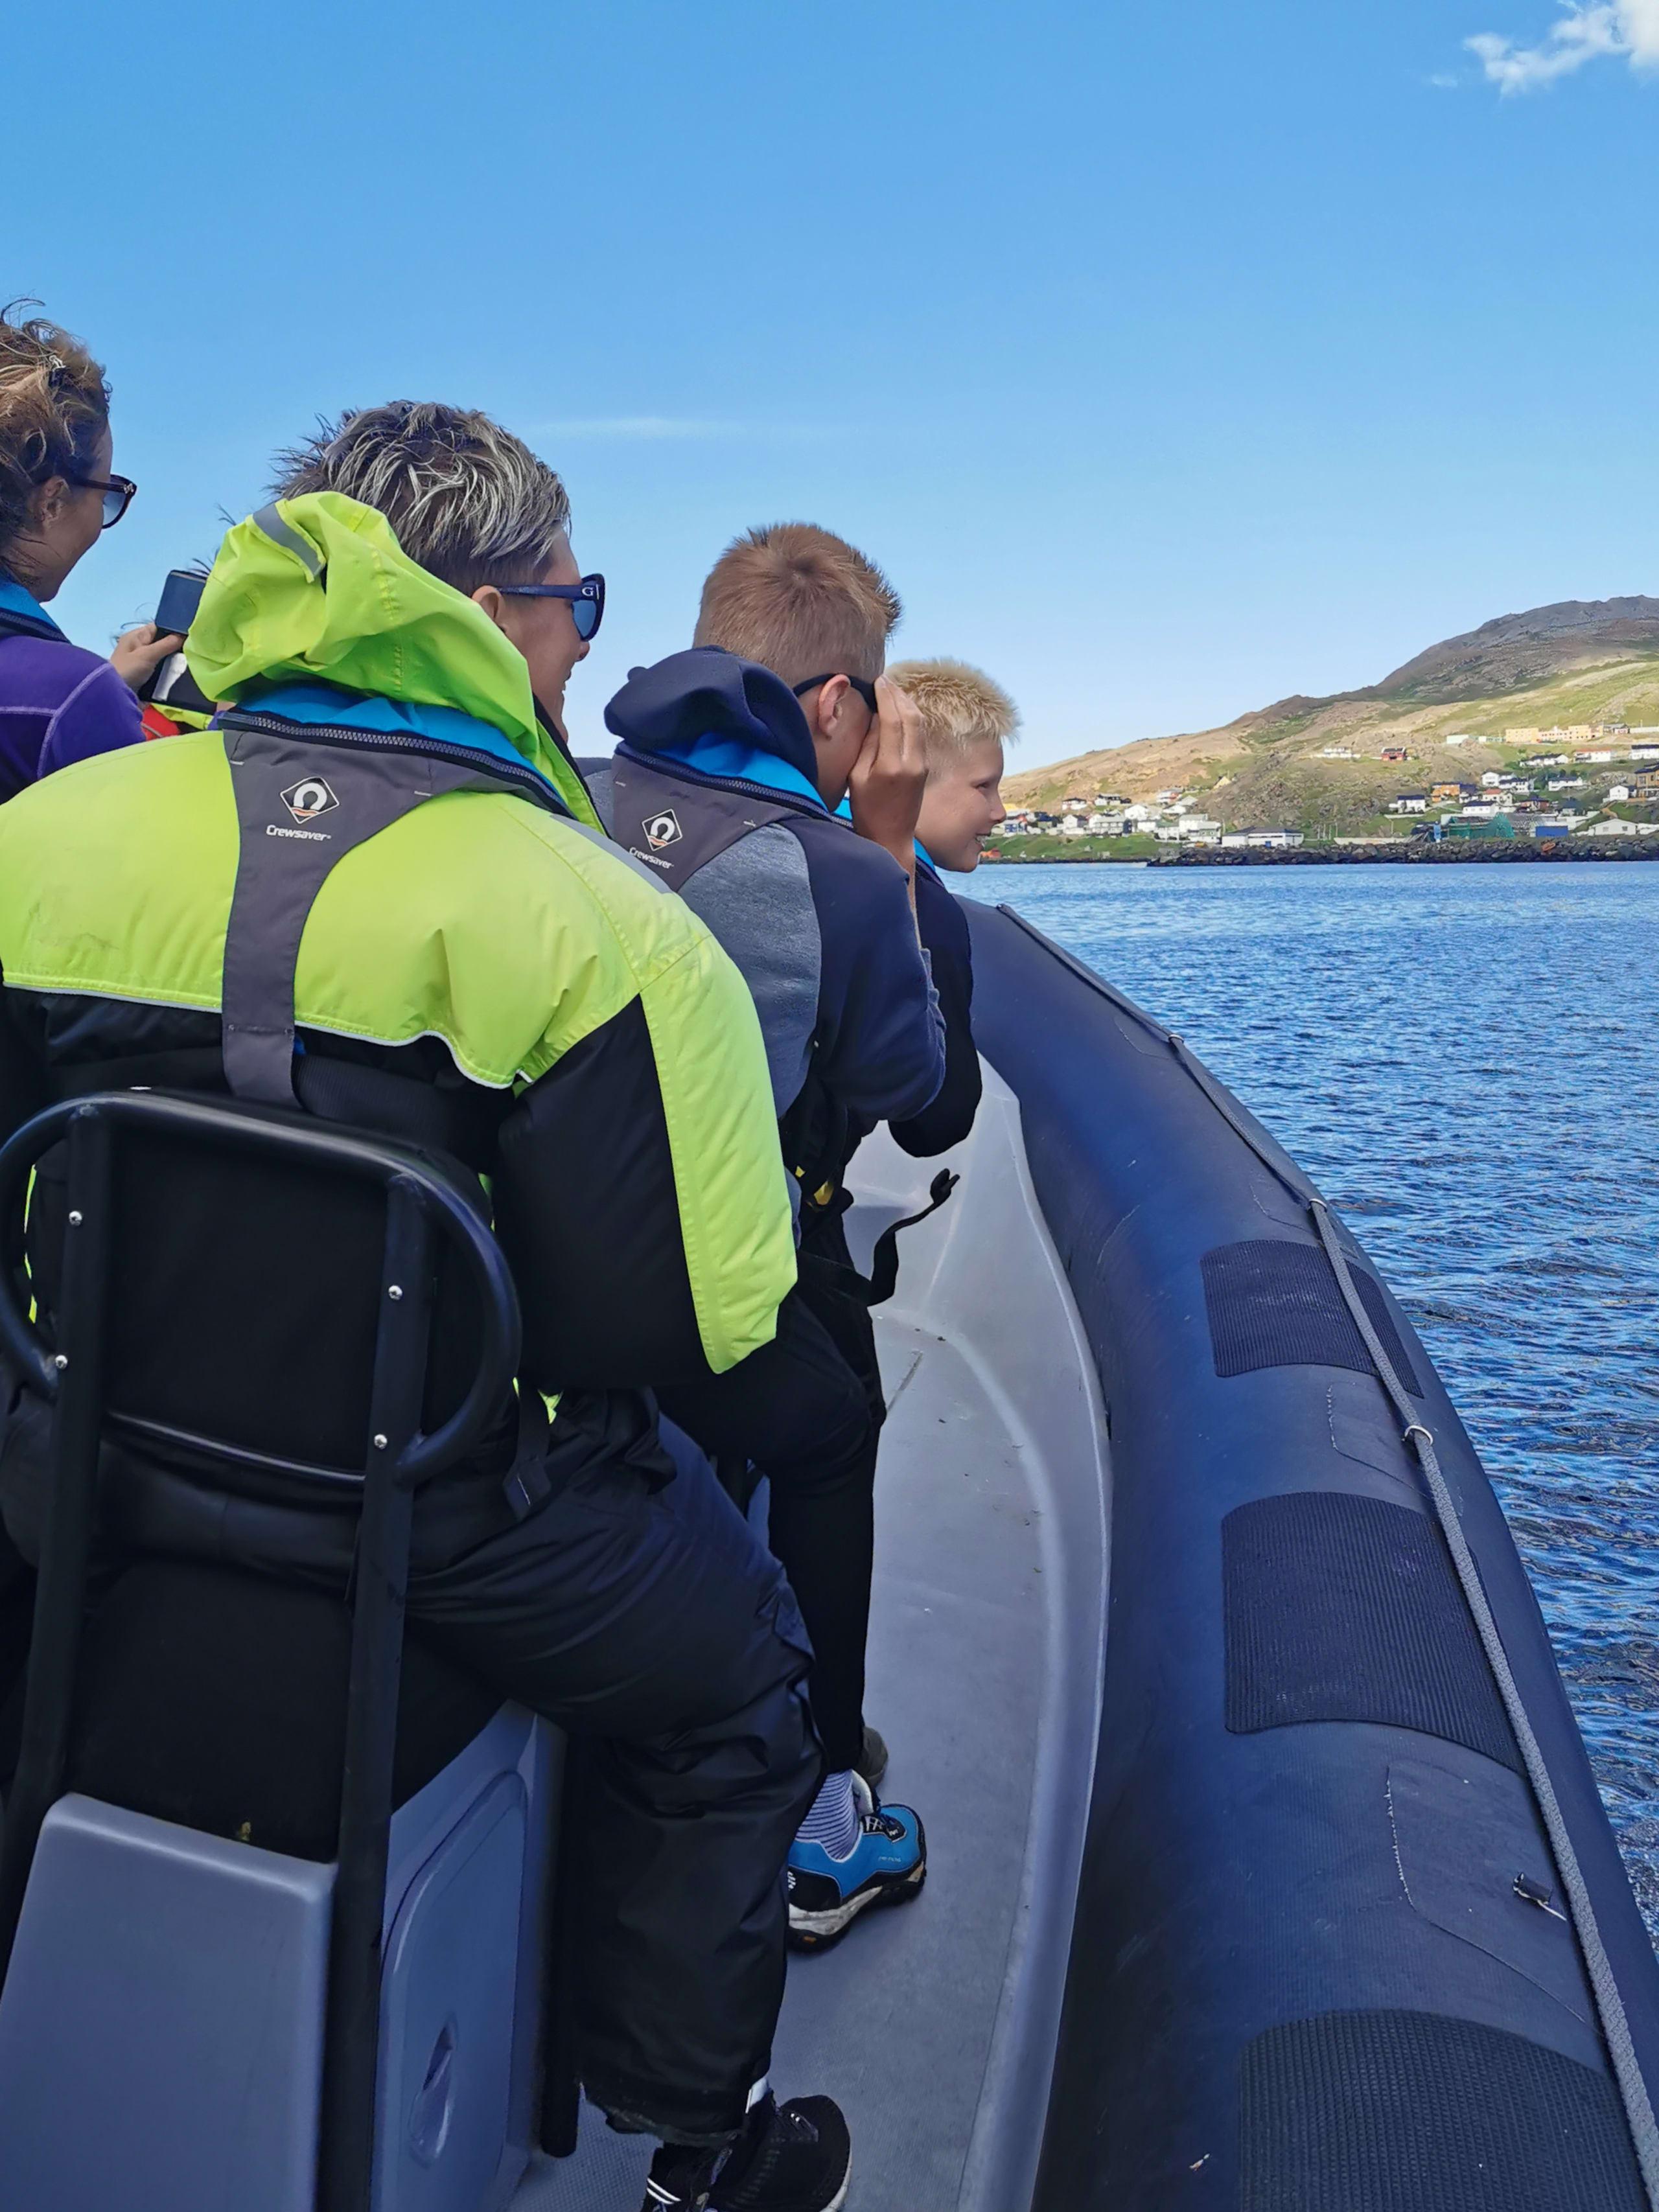 Deep sea rafting with RIB at North Cape